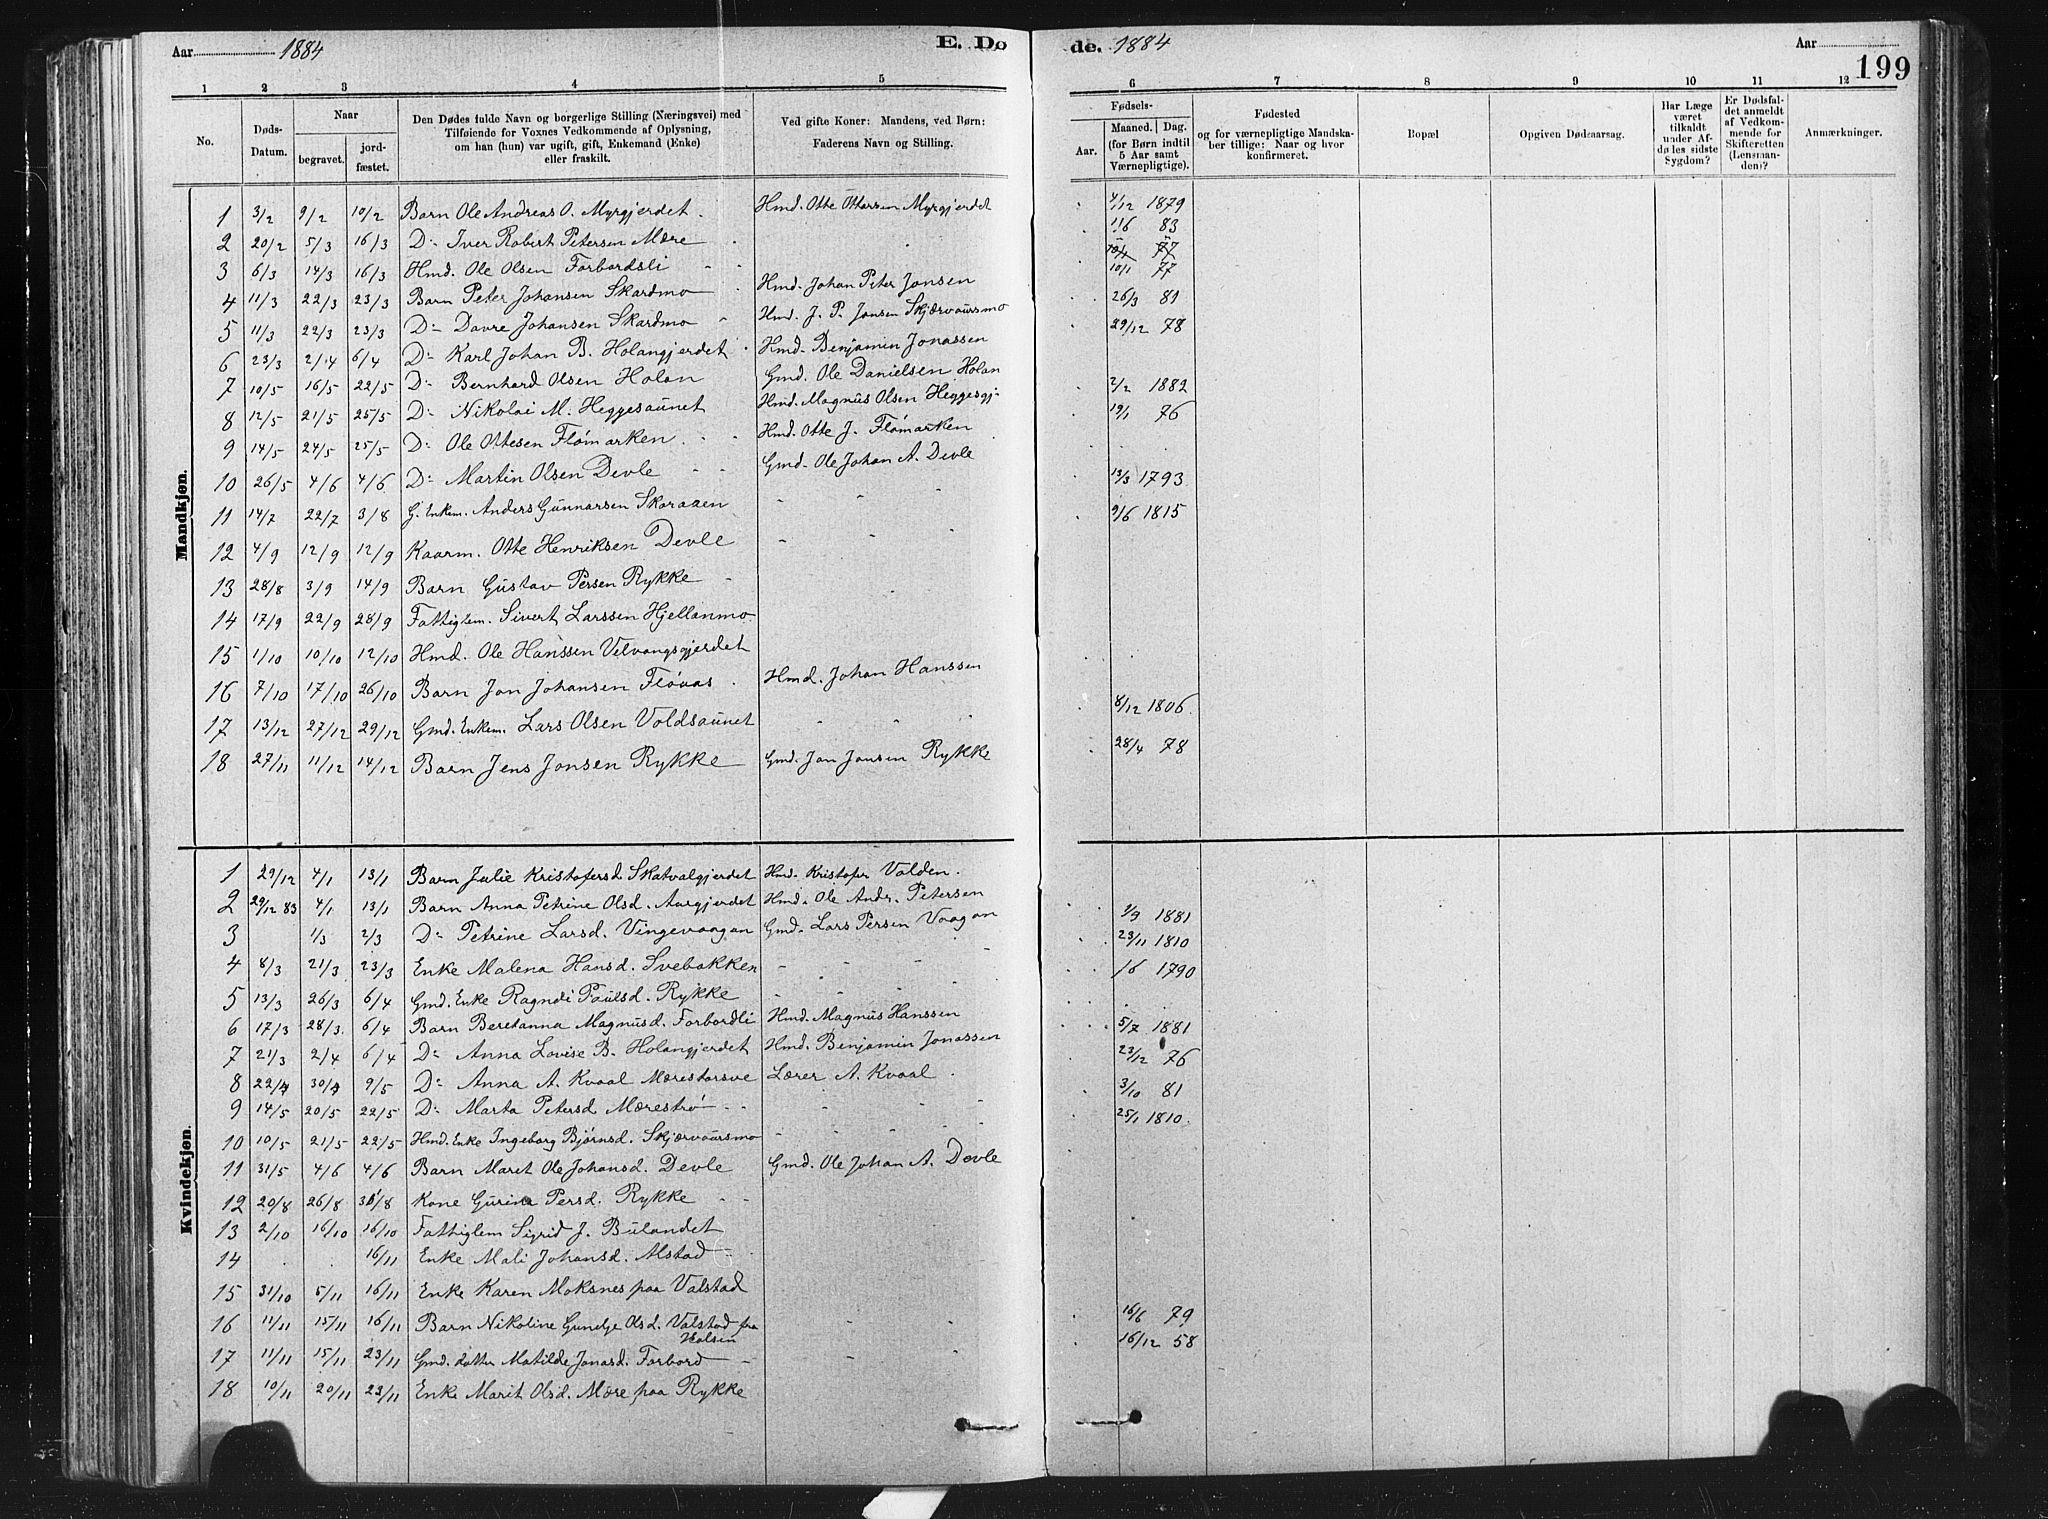 SAT, Ministerialprotokoller, klokkerbøker og fødselsregistre - Nord-Trøndelag, 712/L0103: Klokkerbok nr. 712C01, 1878-1917, s. 199